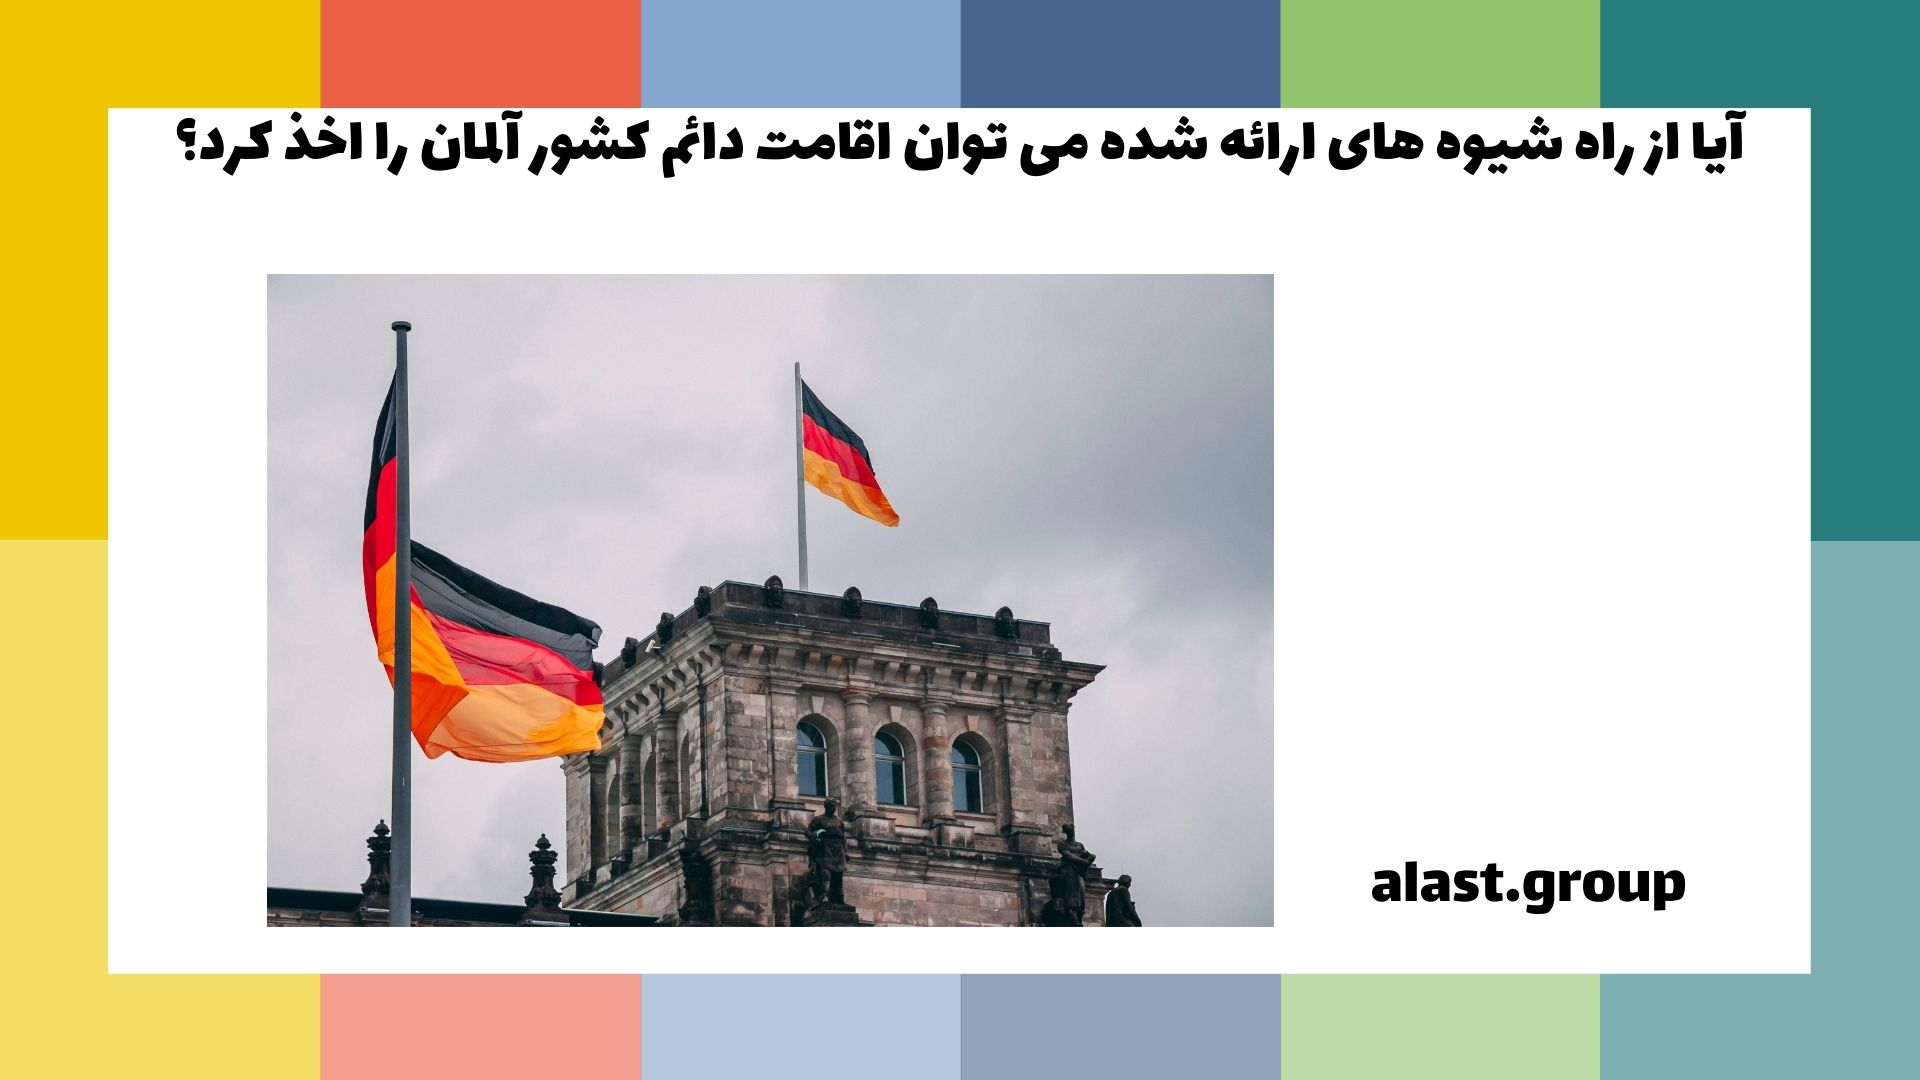 آیا از راه شیوه های ارائه شده می توان اقامت دائم کشور آلمان را اخذ کرد؟